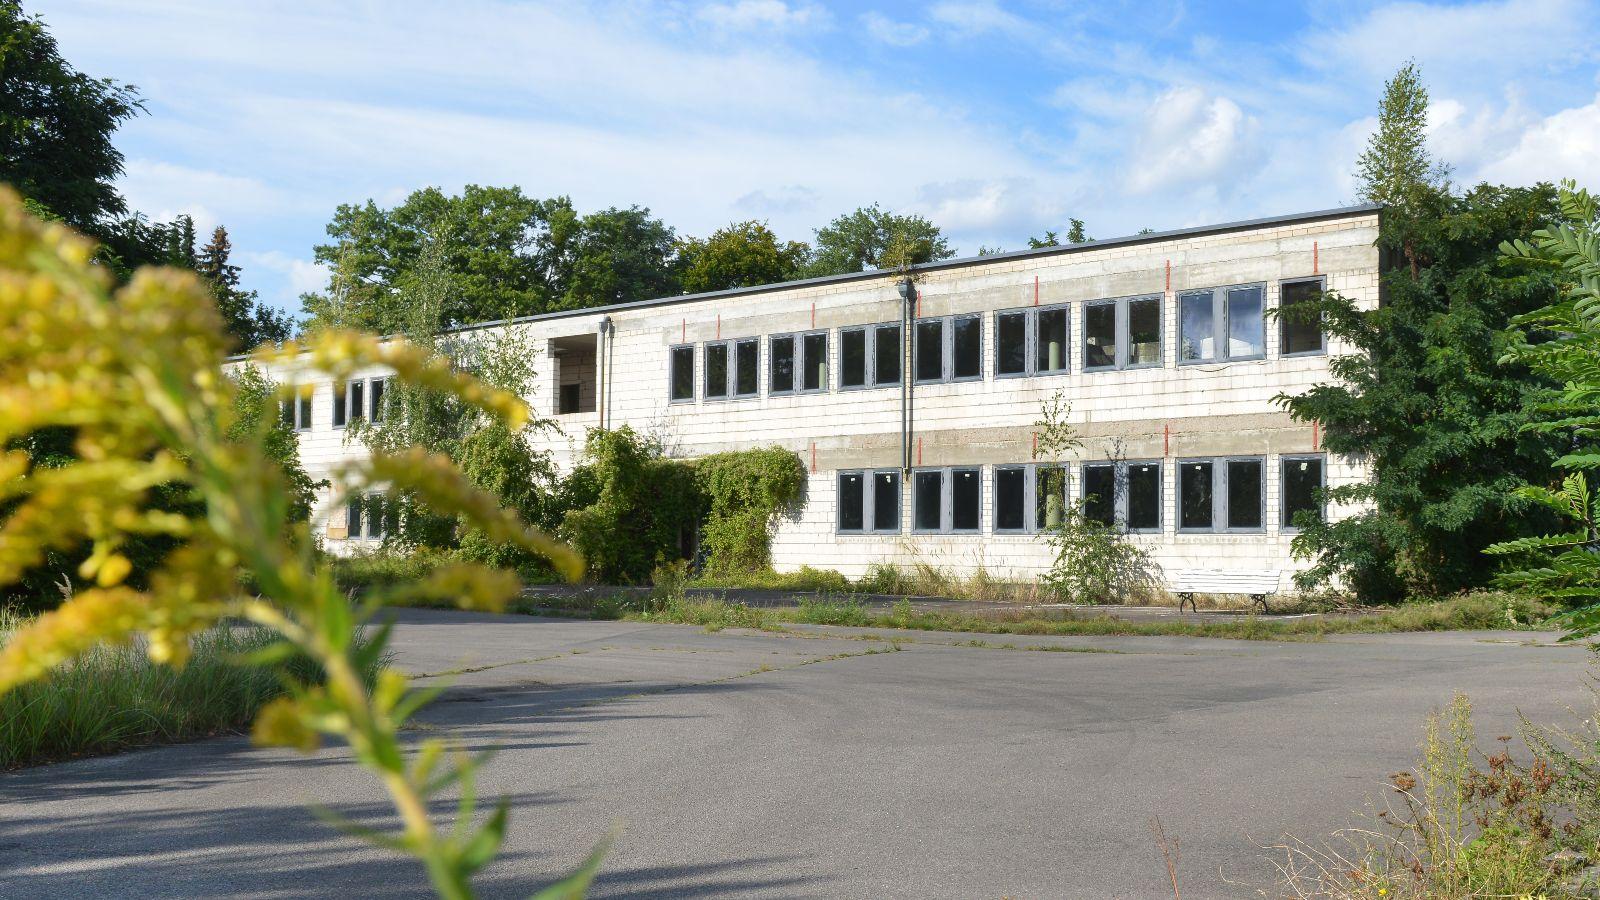 Der Gebäudeteil stammt aus dem Jahr 1992 und wird im Rahmen des Projektes abgerissen und durch Neubauten ersetzt.